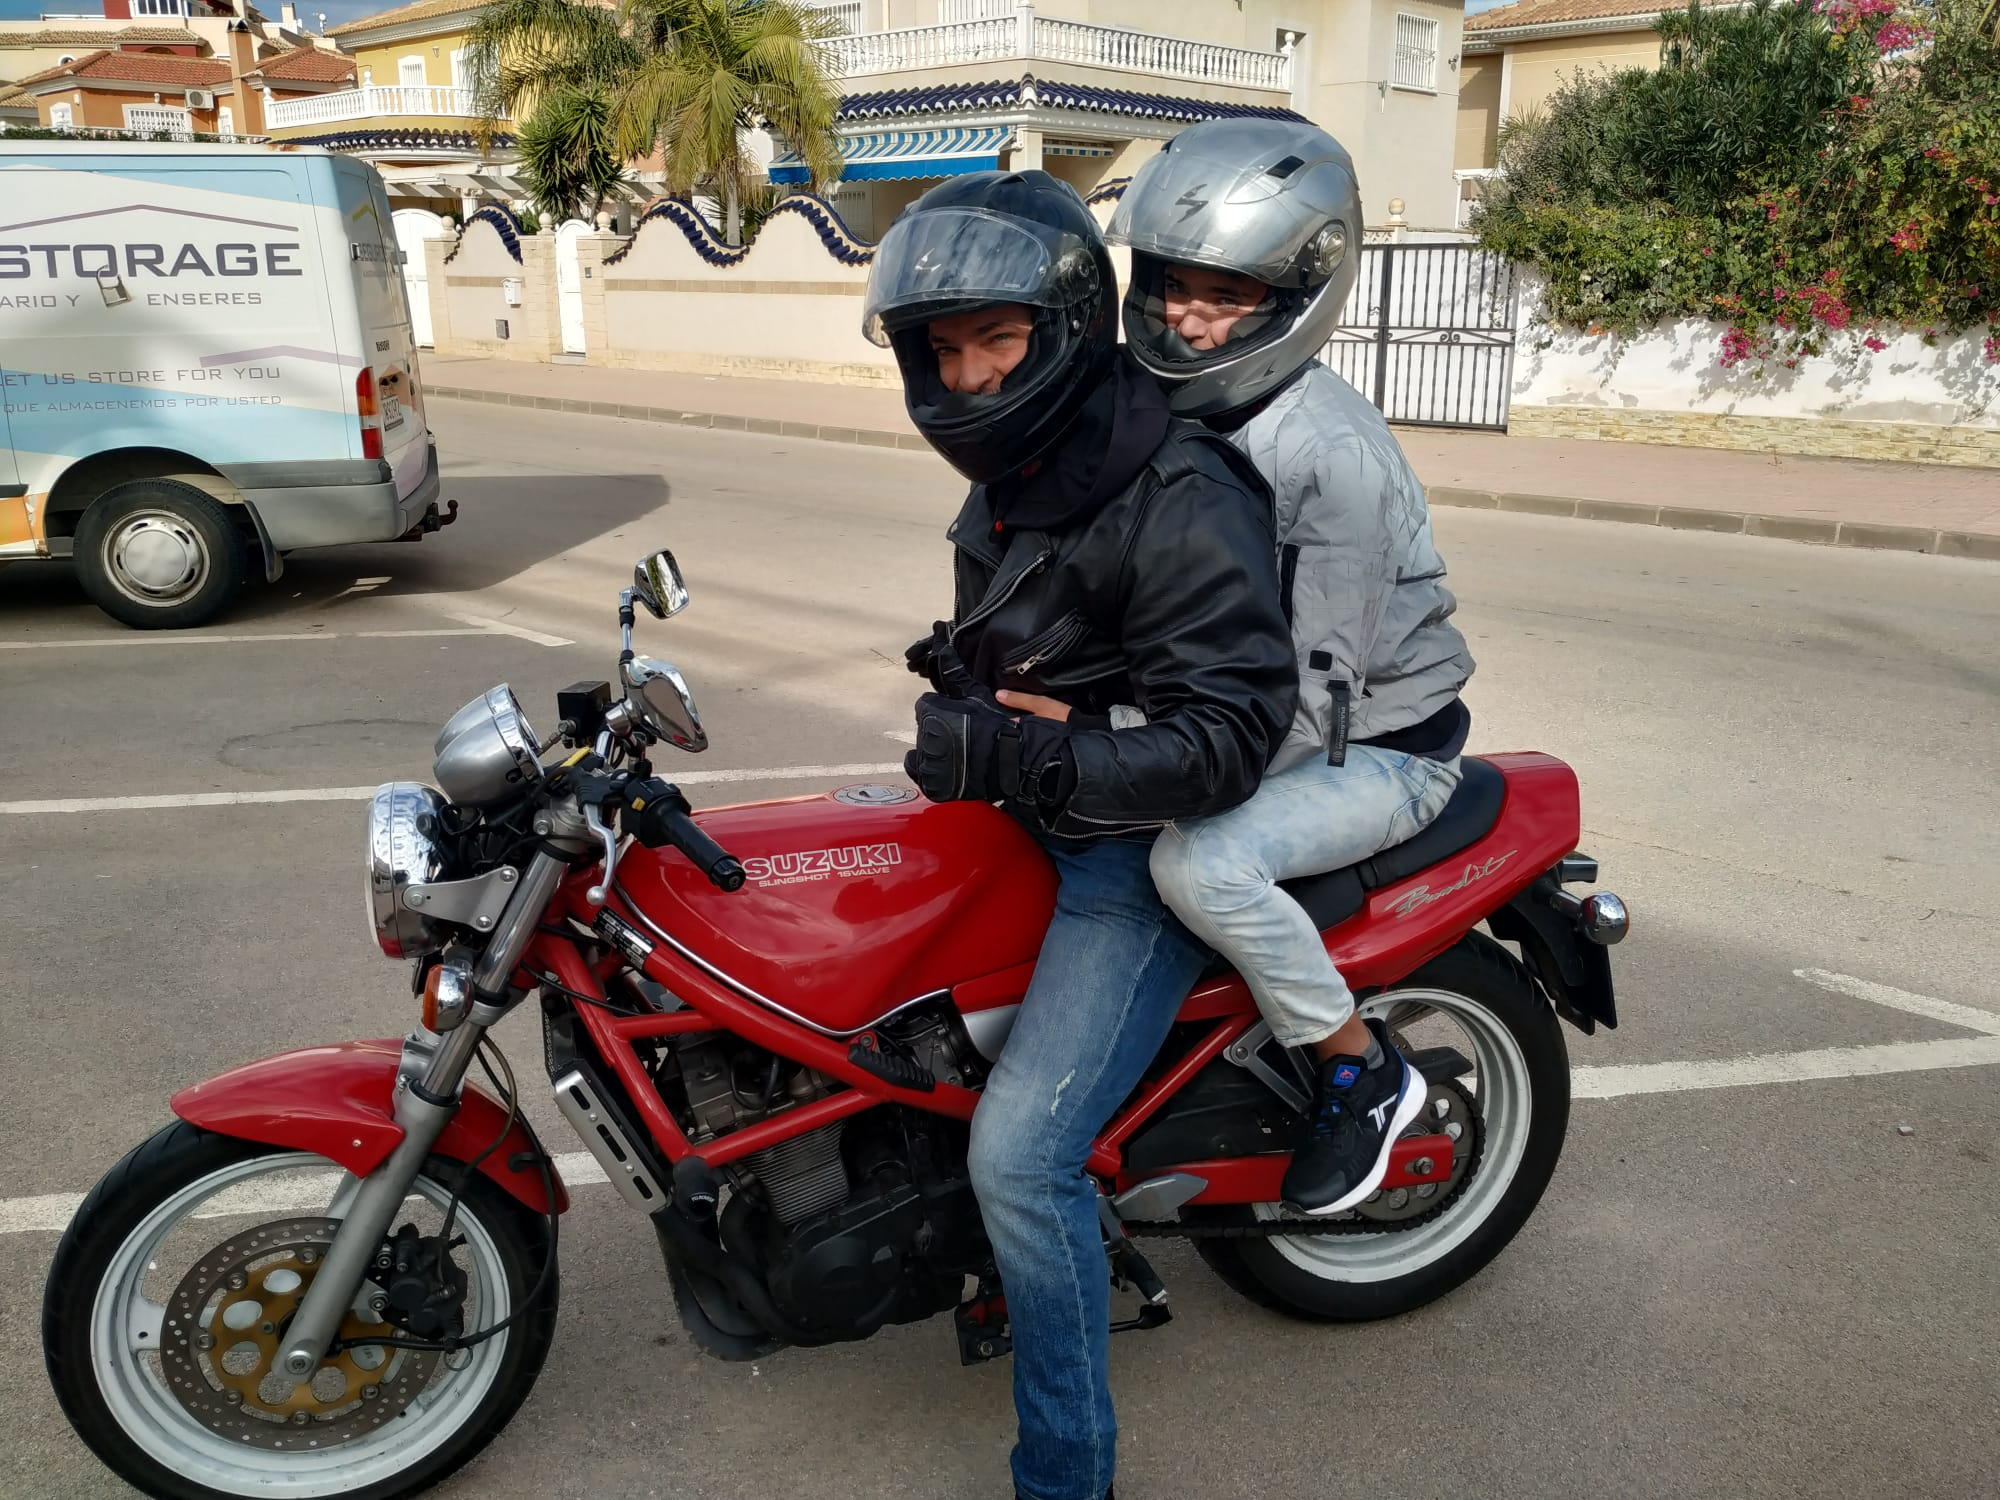 Bandit roja en Los Alcázares, la zona del Mar Menor - Página 5 IMG-20210106-WA0035